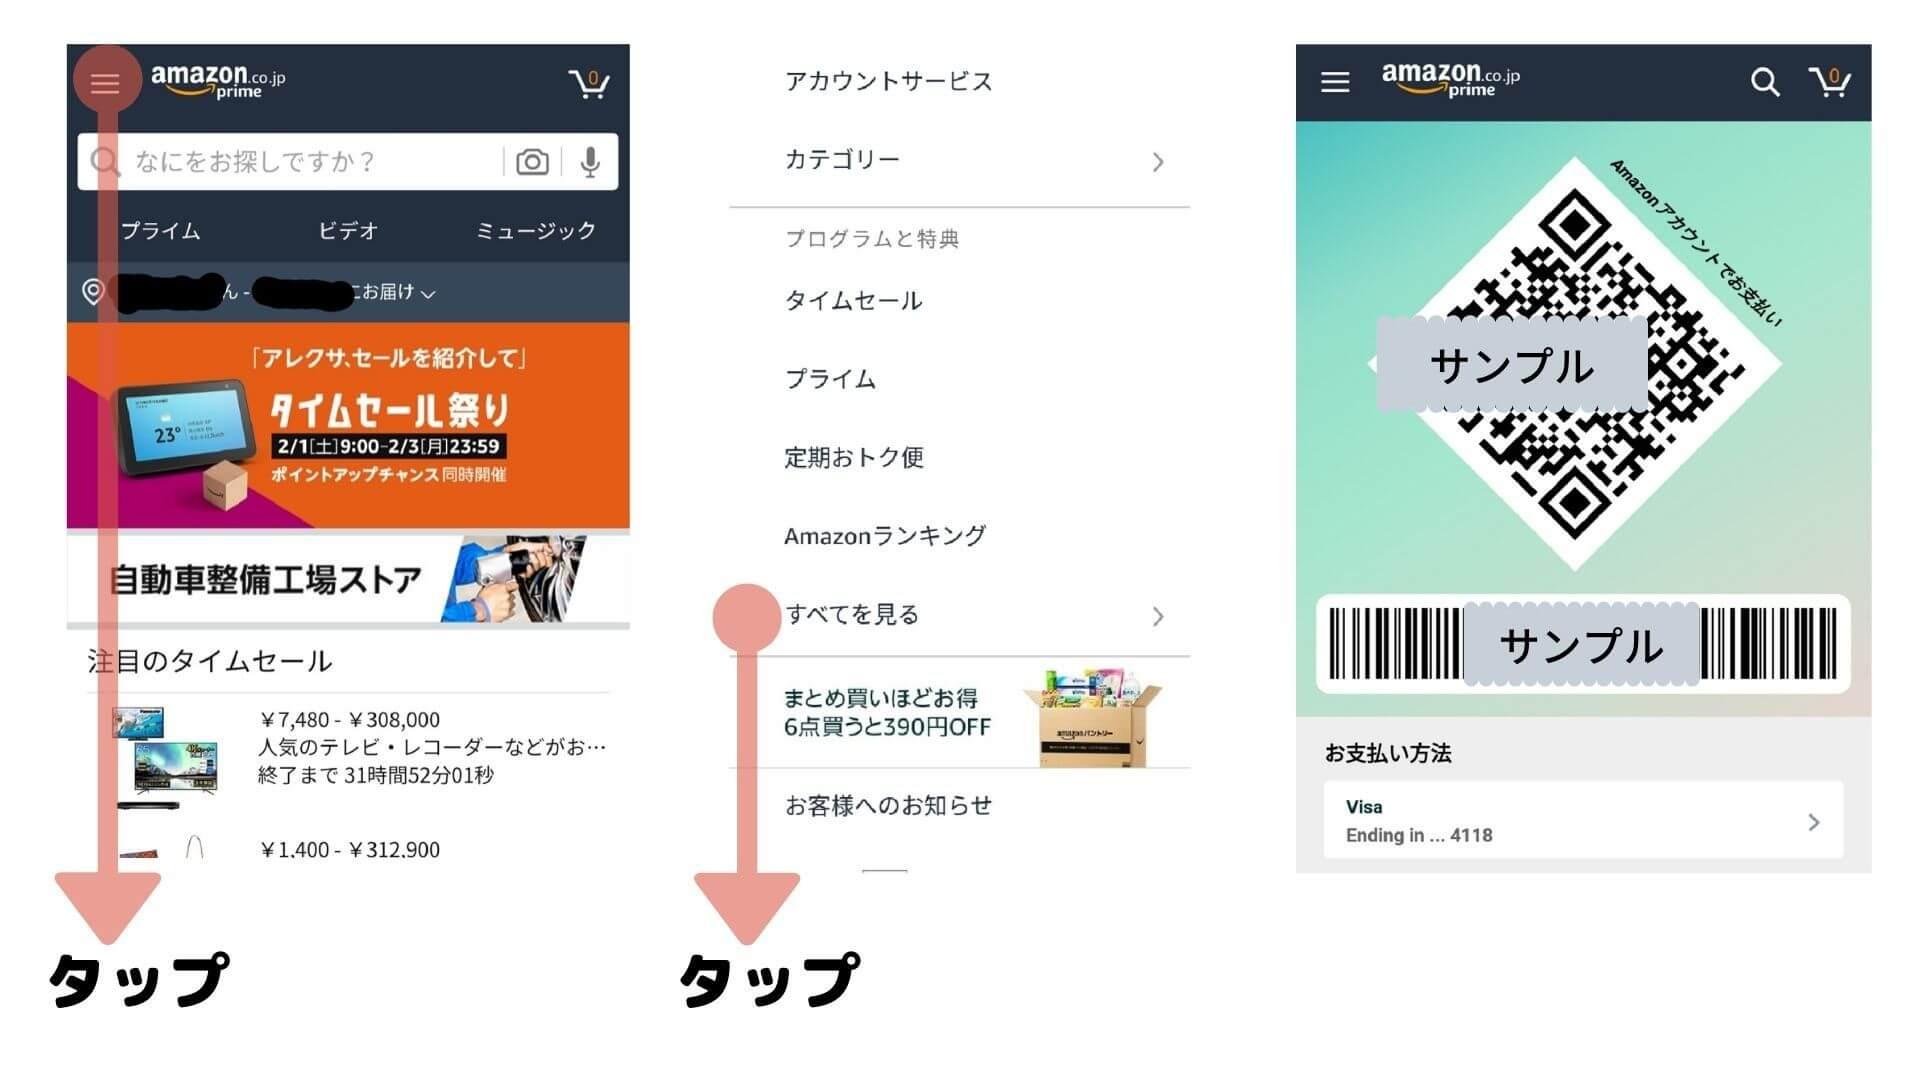 アマゾンペイ(AmazonPay)の仕組みや利用方法、リスクについてまとめてみた